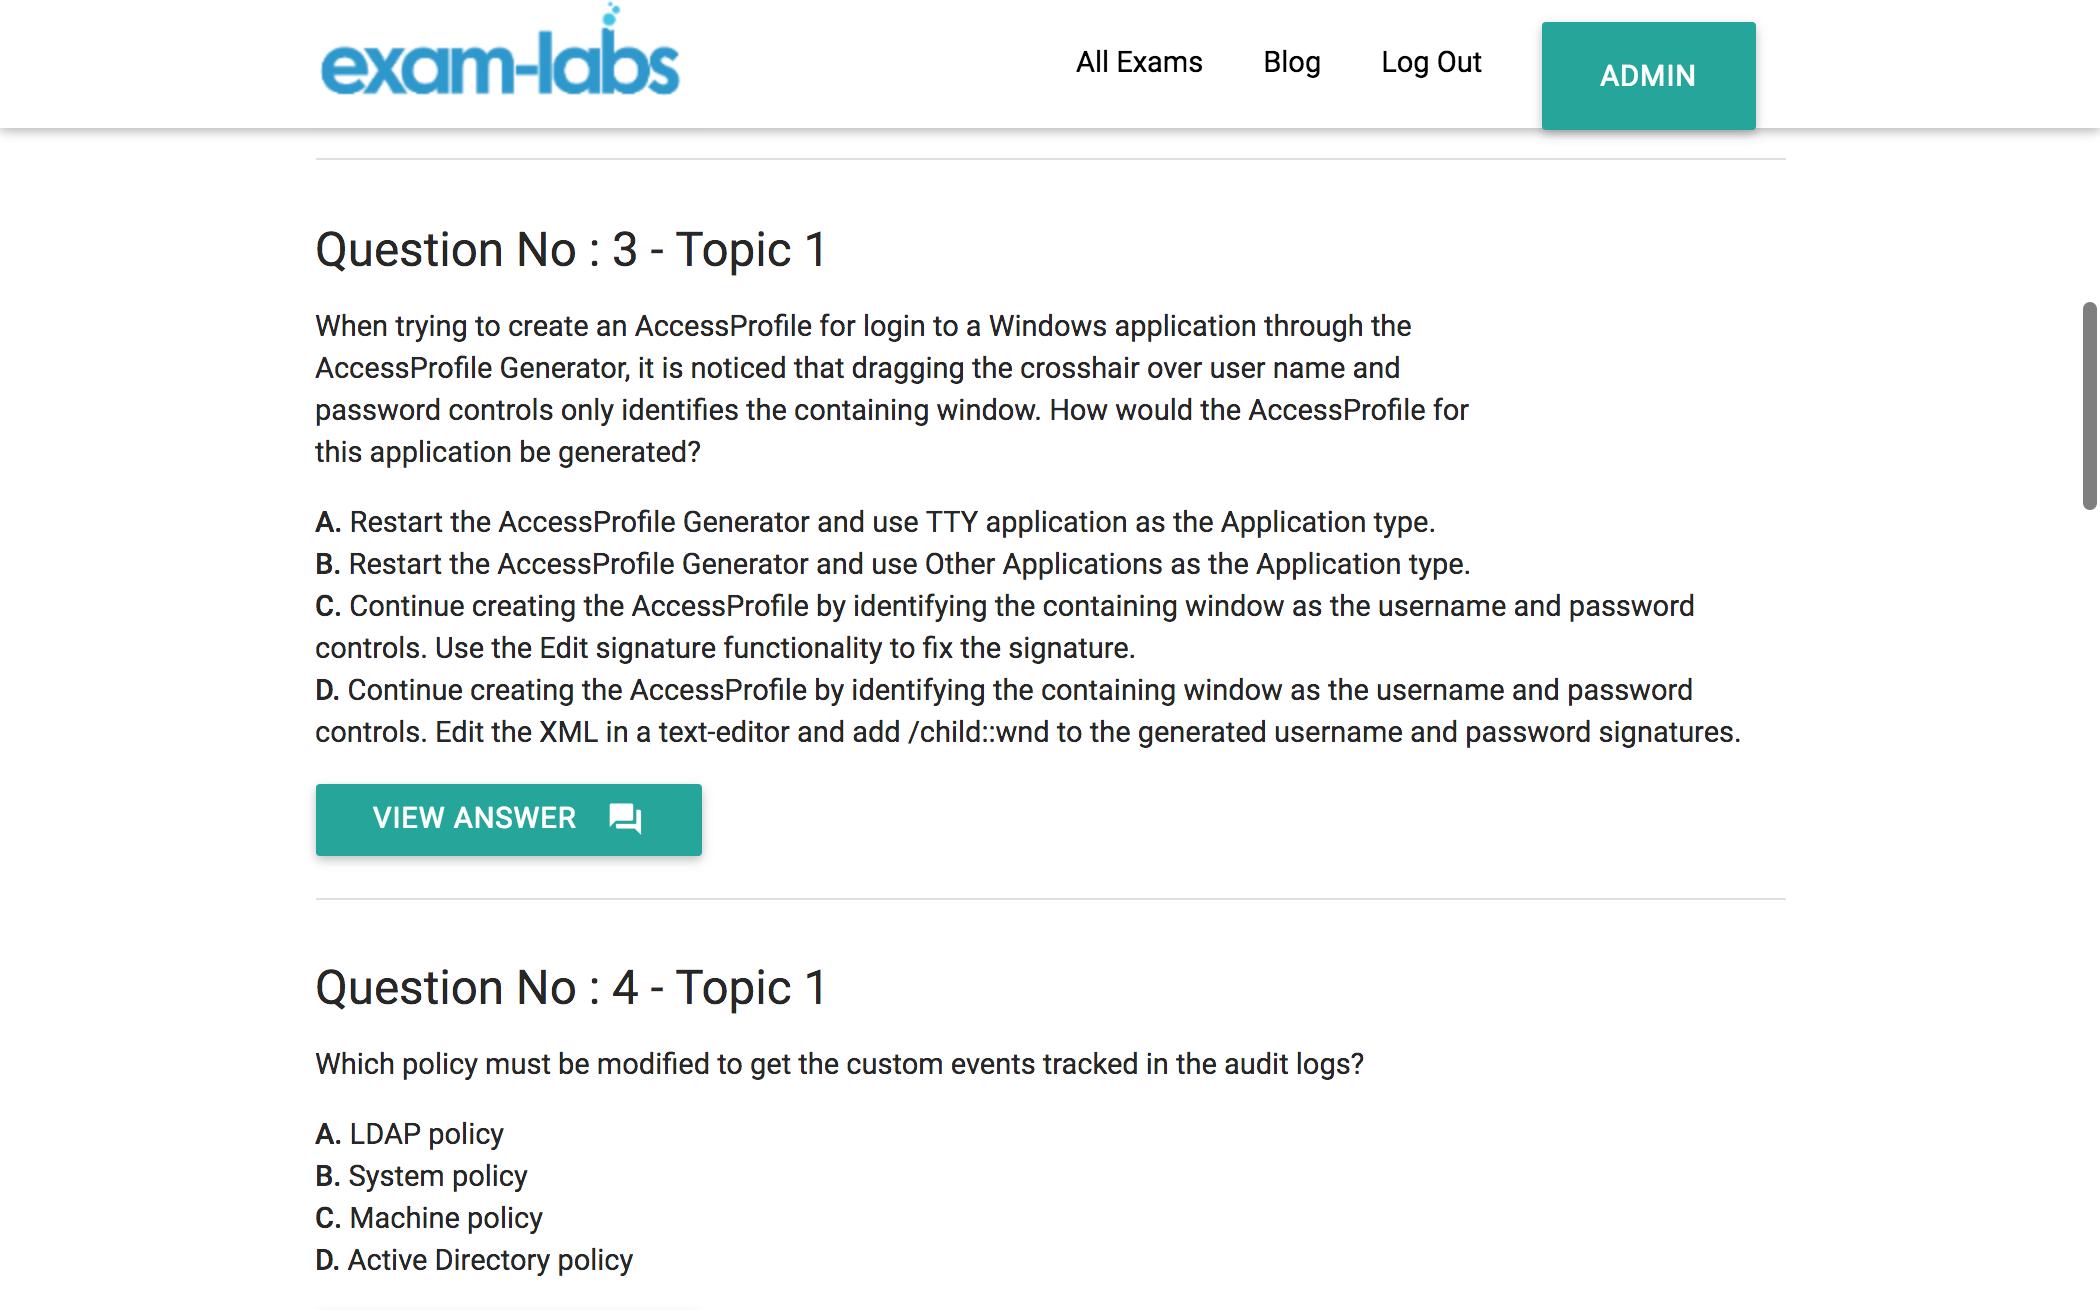 000 020 ibm practice exam questions 100 free exam labs 000 020practiceexam1 000 020practiceexam2 sciox Gallery